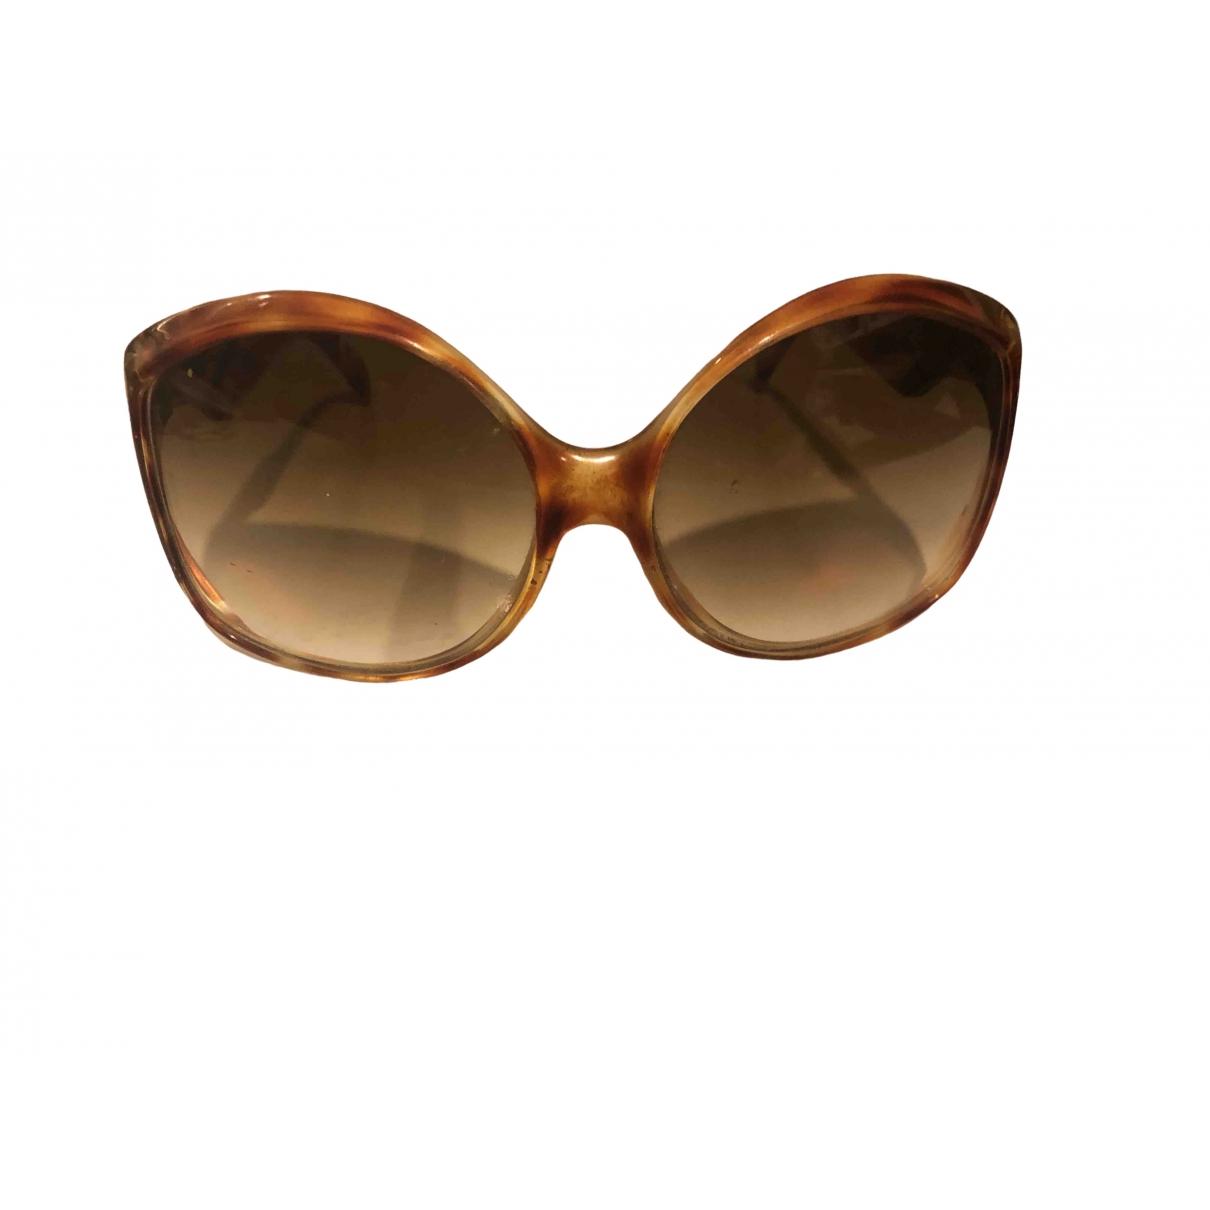 Christian Dior - Lunettes   pour femme - marron